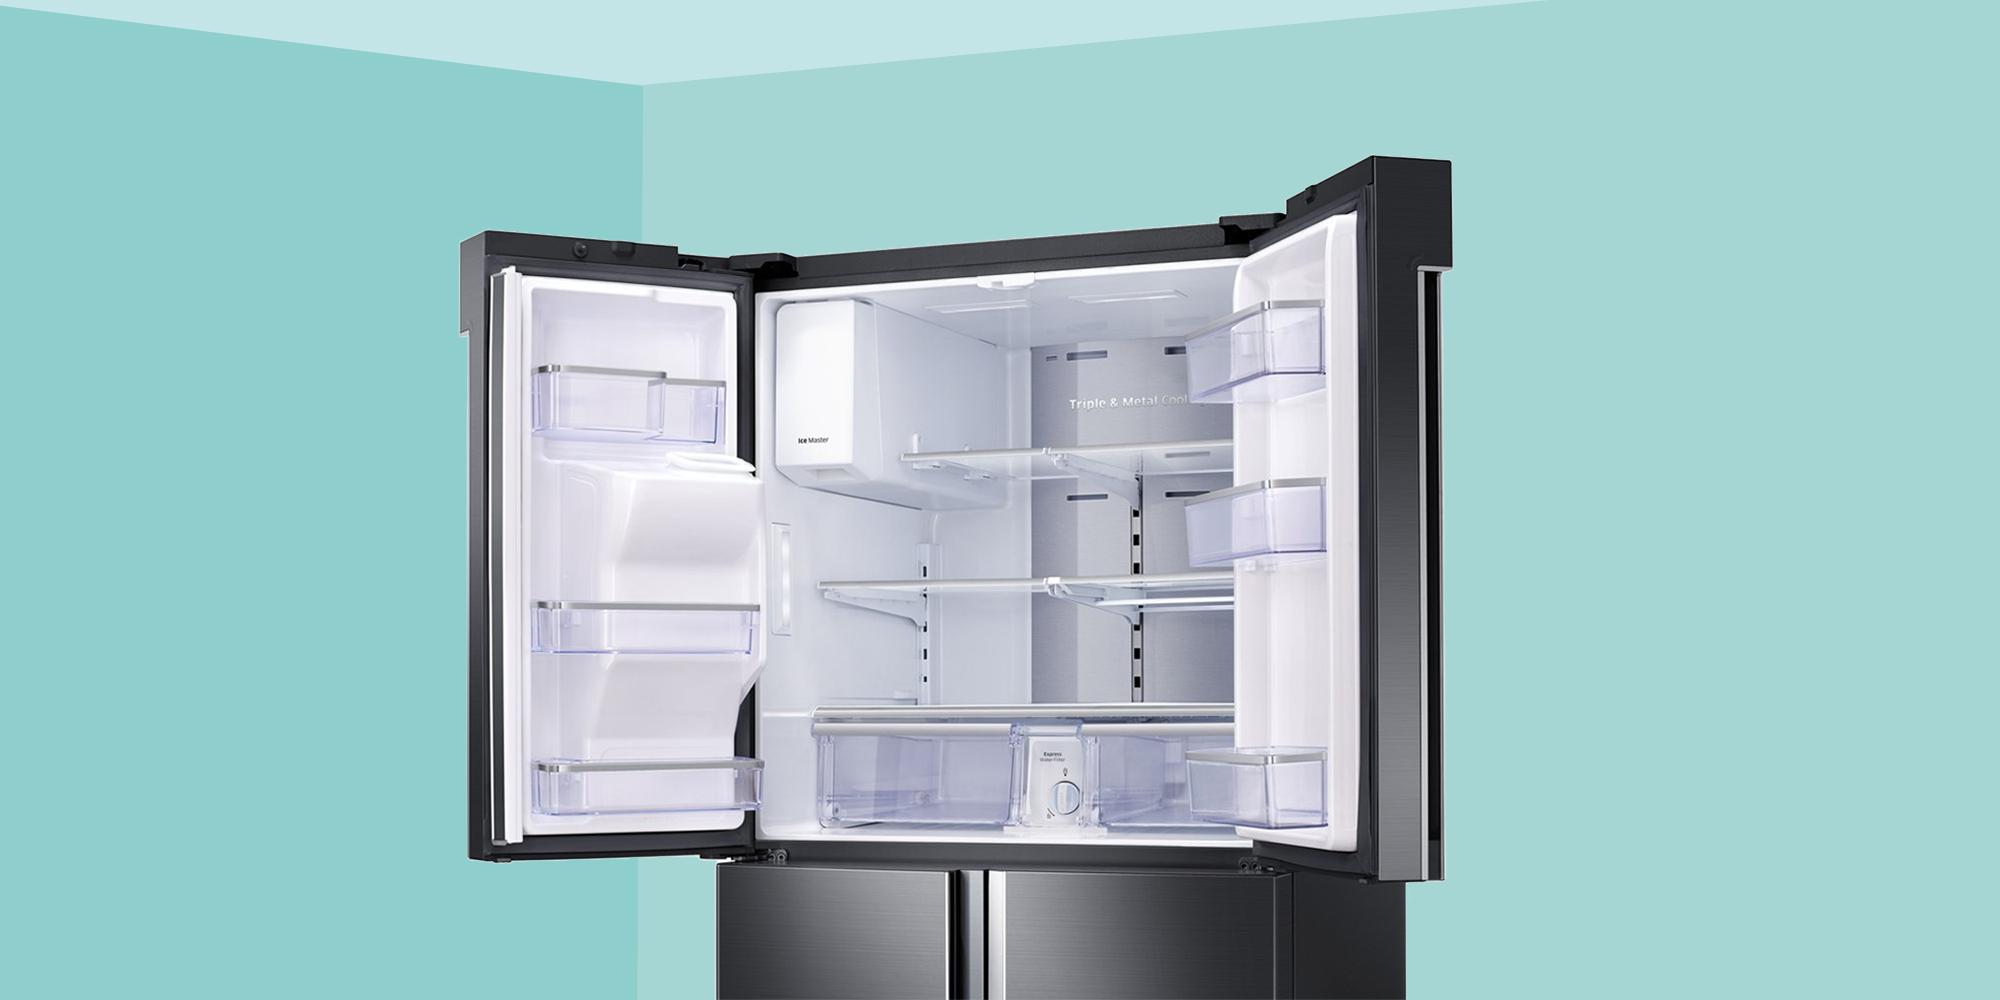 9 Best French Door Refrigerators 2019 - Top French-Door Fridge Reviews